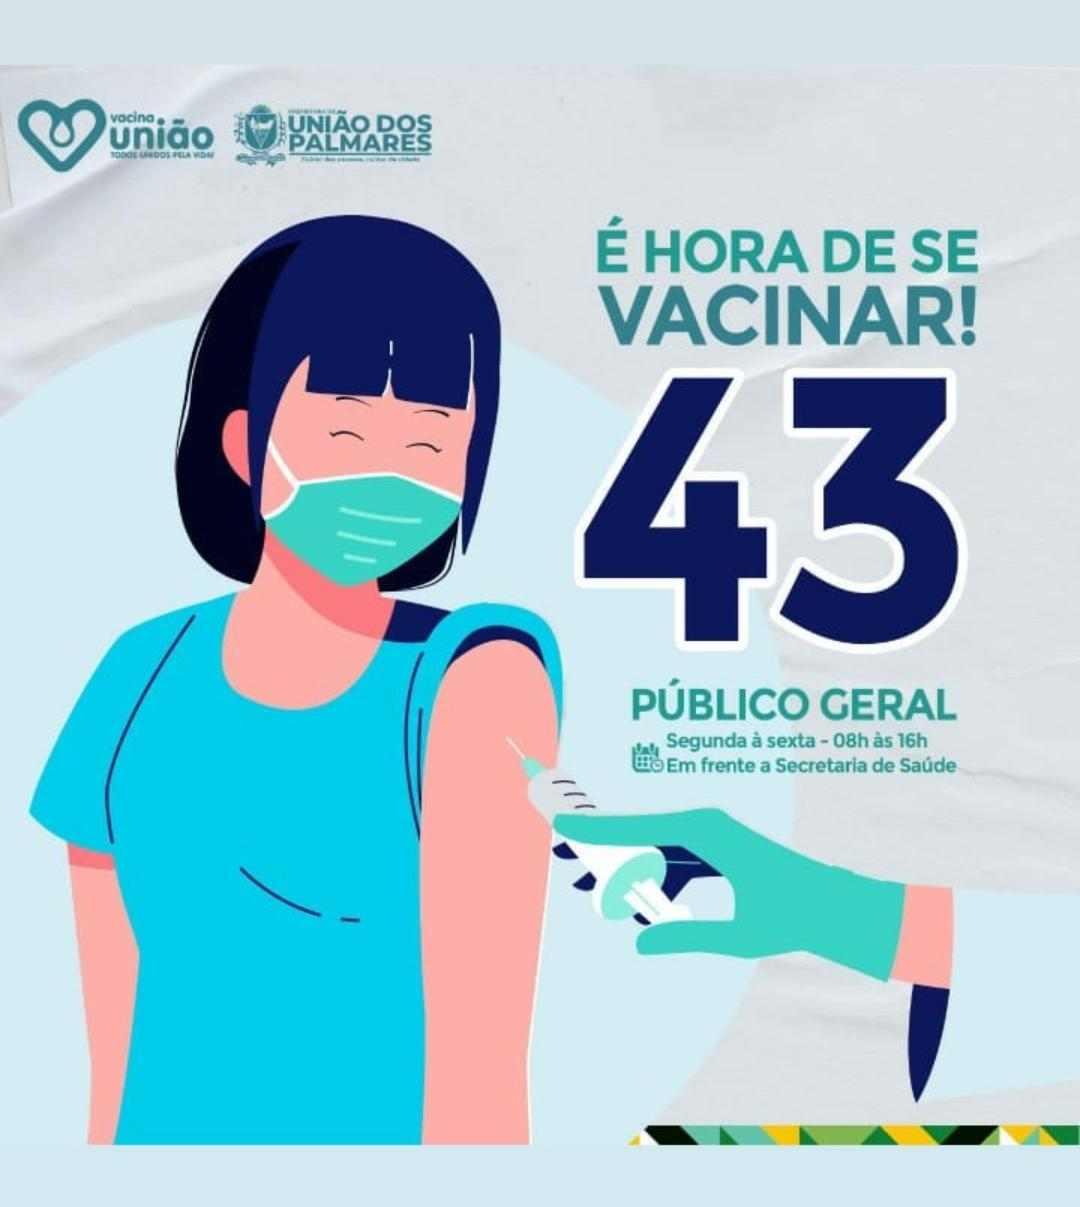 Cartaz da vacina contra a Covid-19 em União dos Palmares –© Reprodução